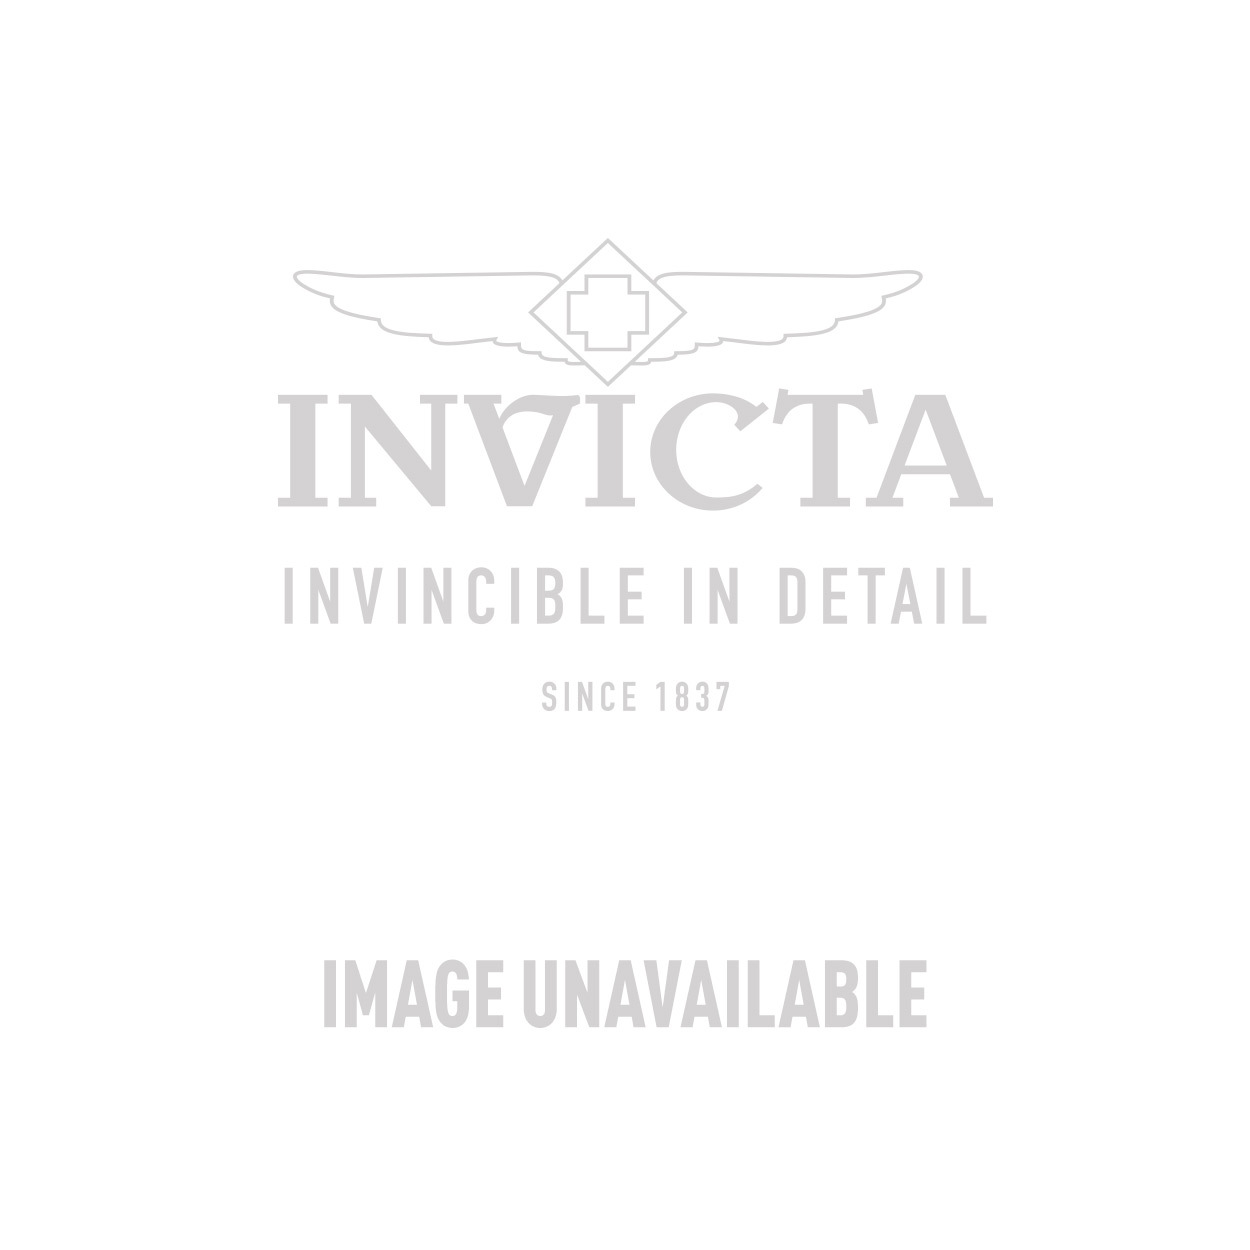 Invicta Model 27046